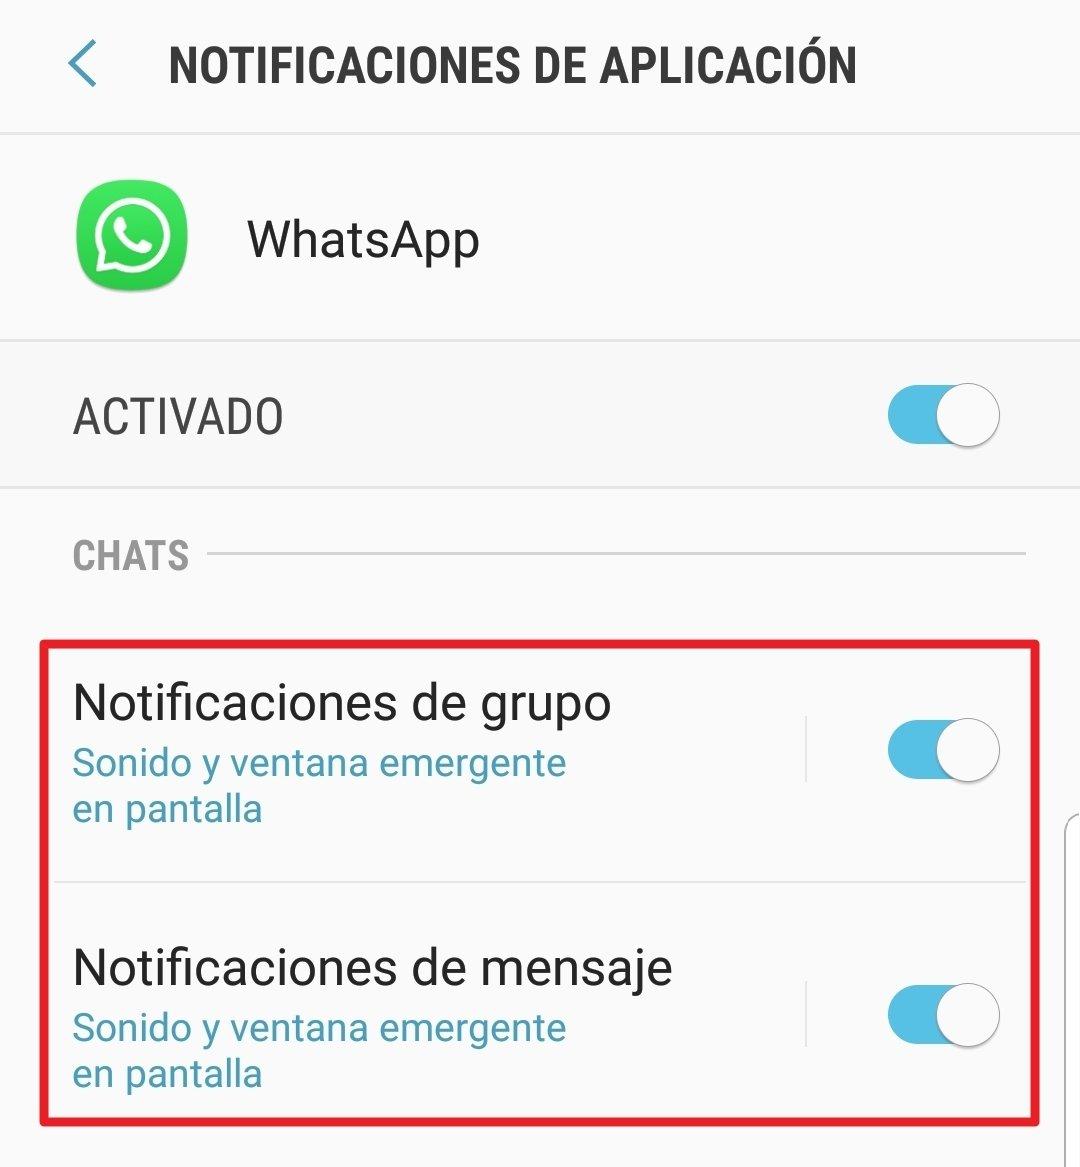 Para seguir recibiendo mensajes hay que configurar ambas notificaciones